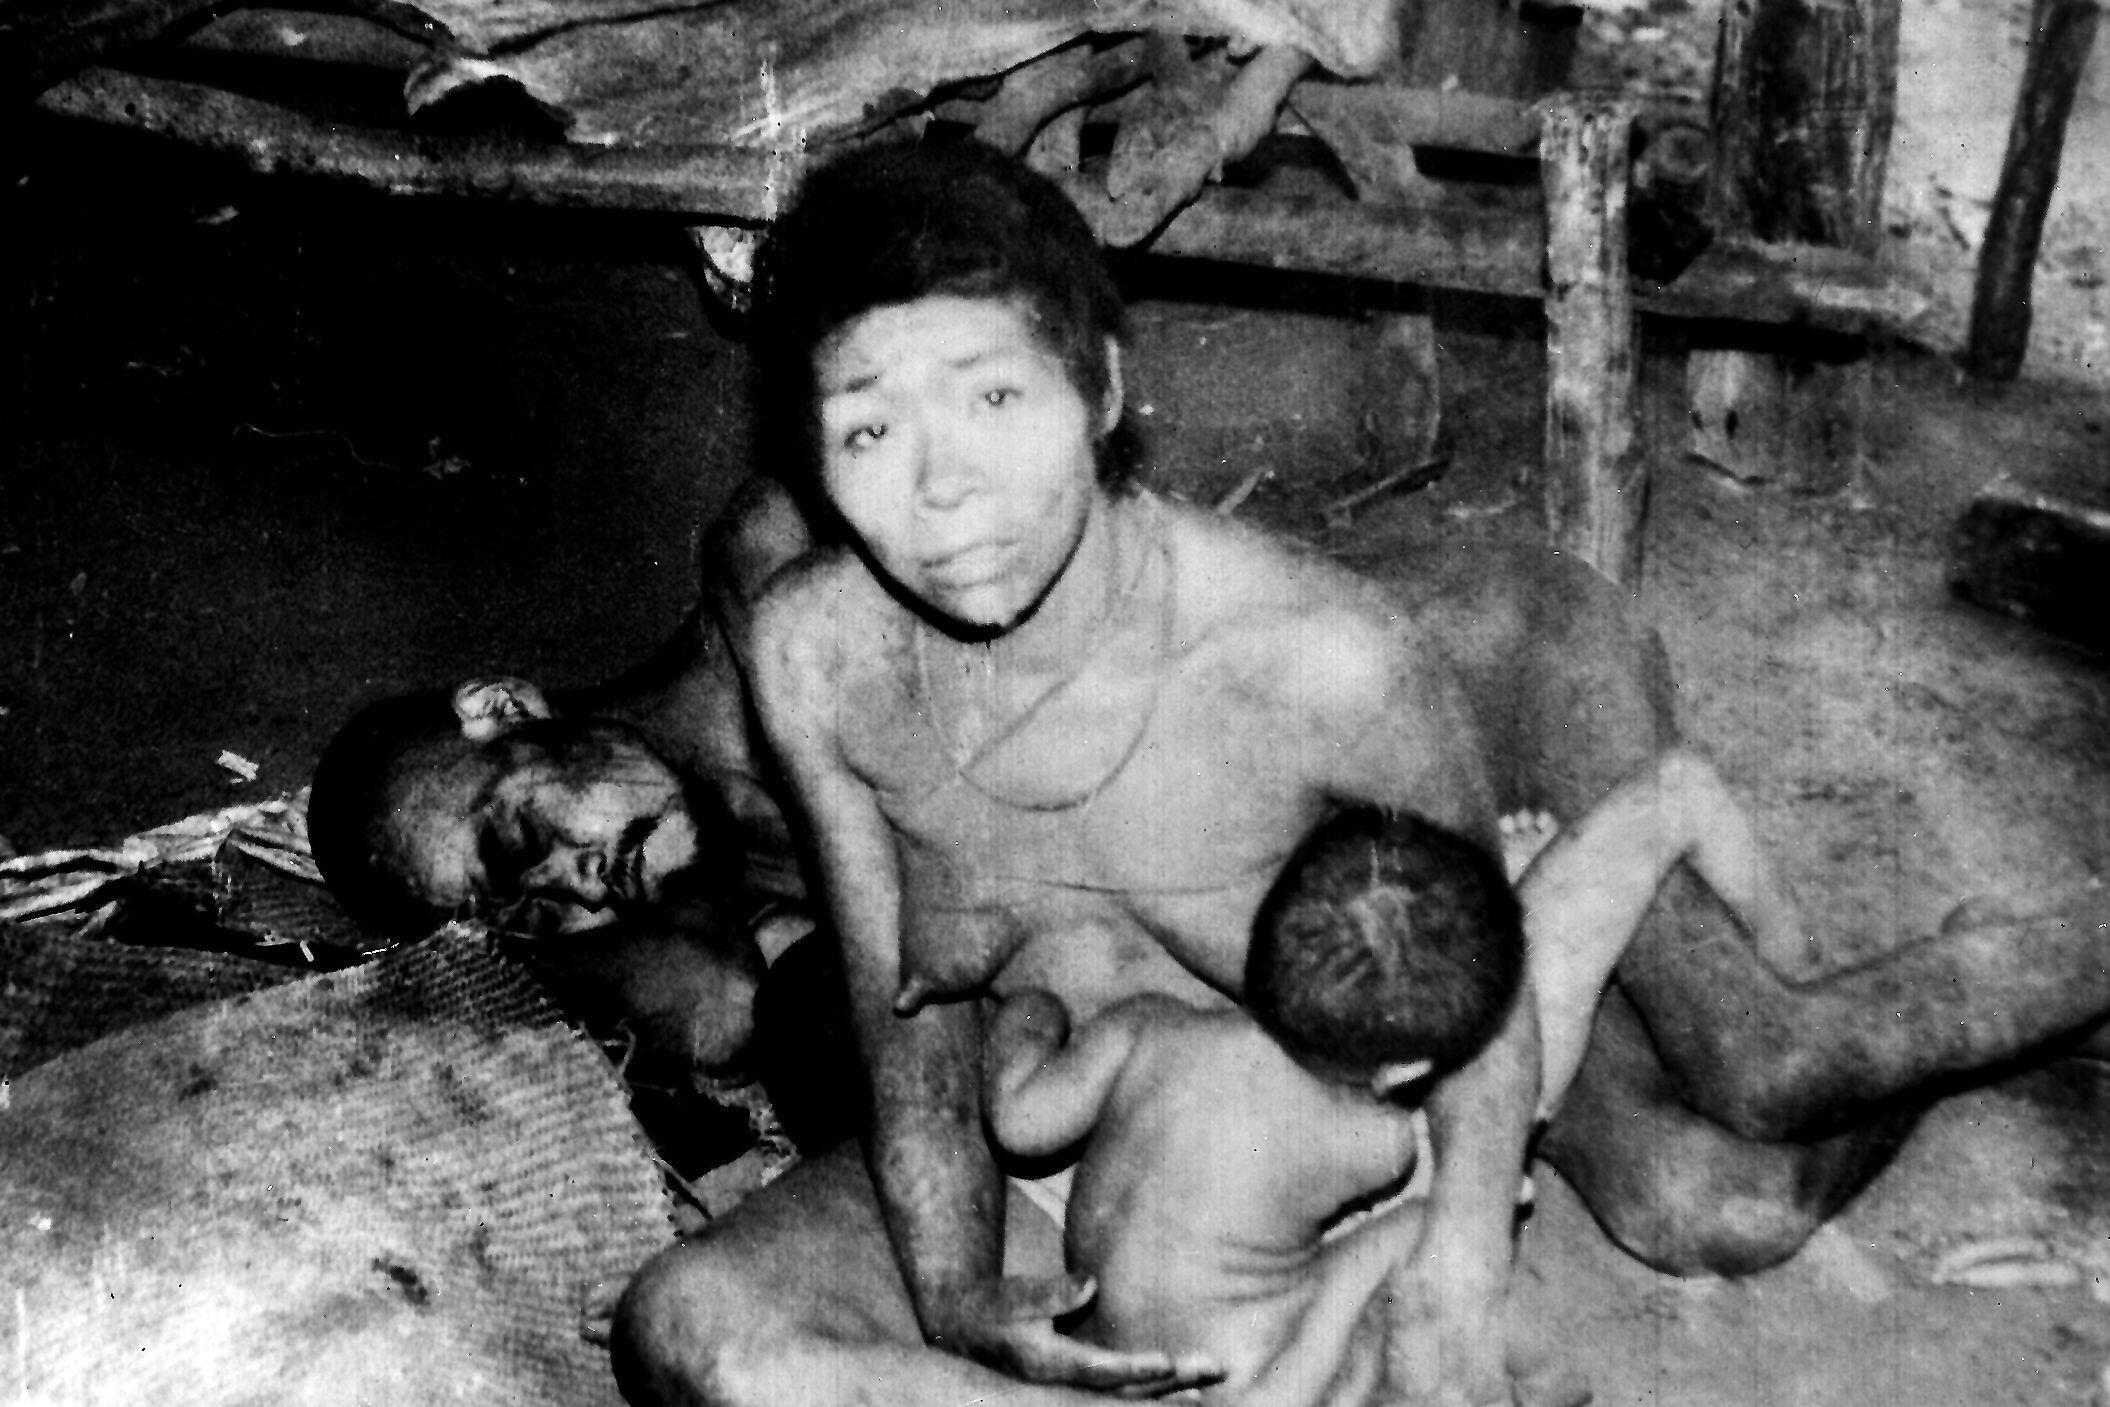 Dans le milieu des années 1970, une mission de l'ONG Survival a pu se rendre sur place pour documenter les crimes dont étaient victimes les Aché.